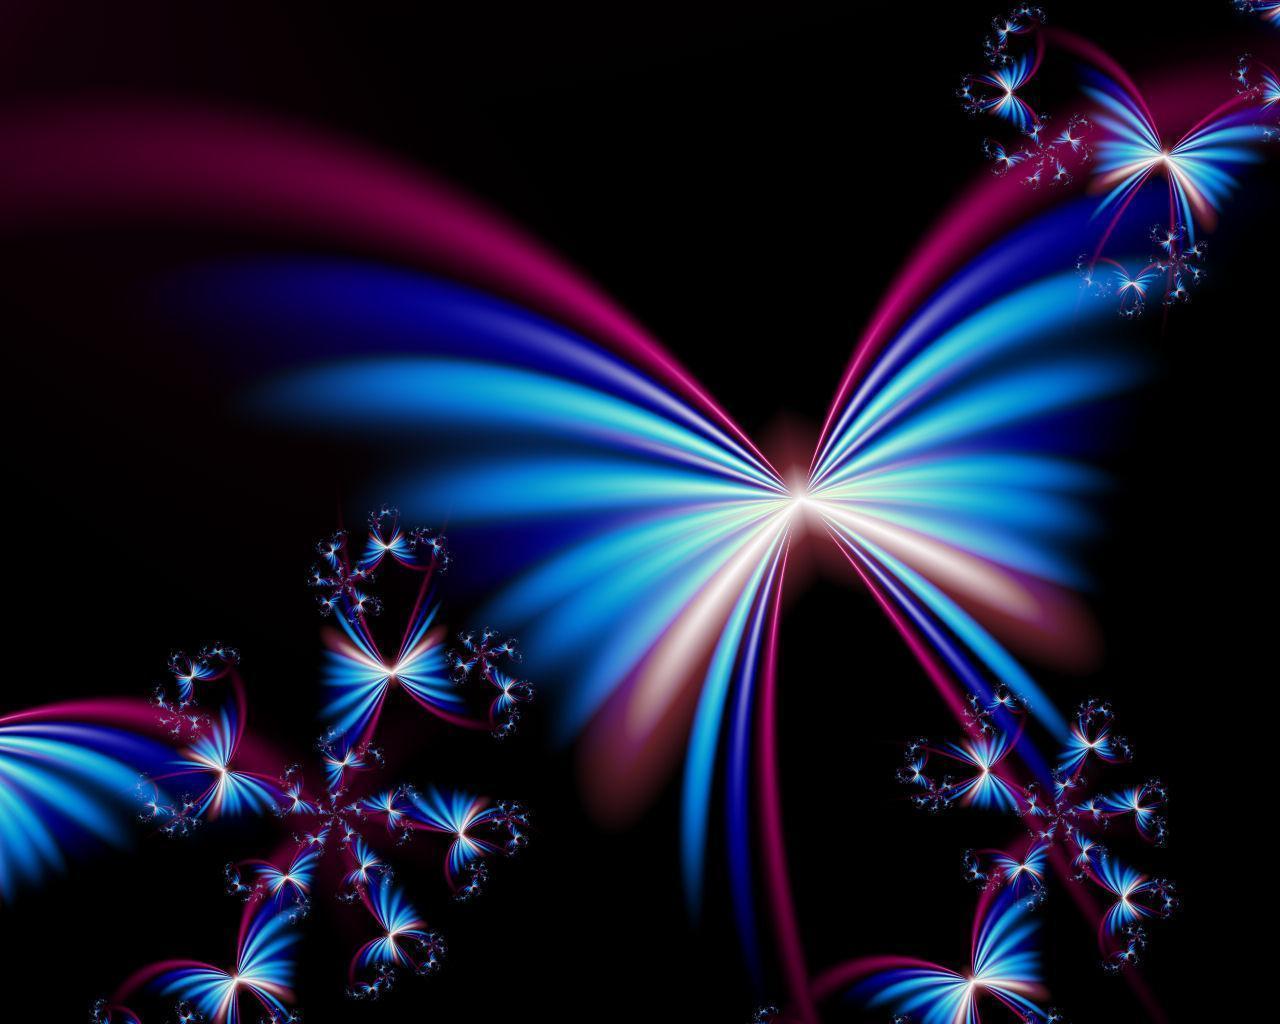 Neon Butterfly Desktop Background: Free Butterfly Desktop Backgrounds